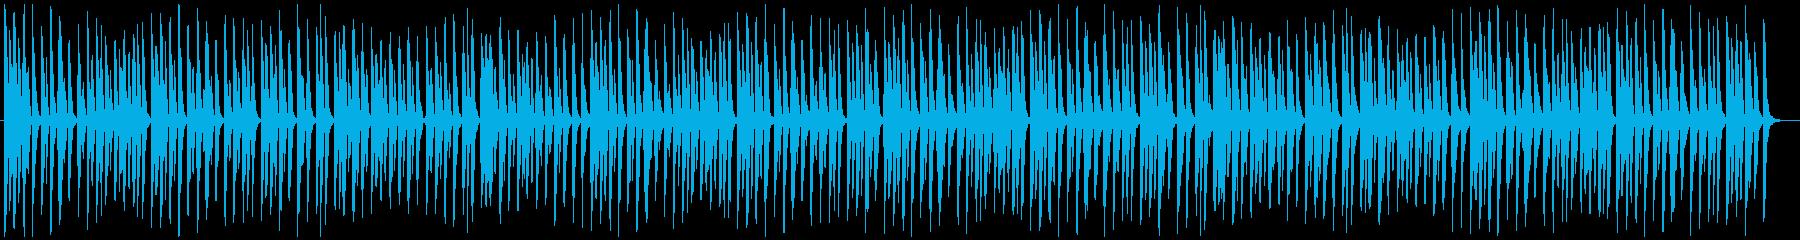 可愛らしくほのぼのした日常のピアノの再生済みの波形